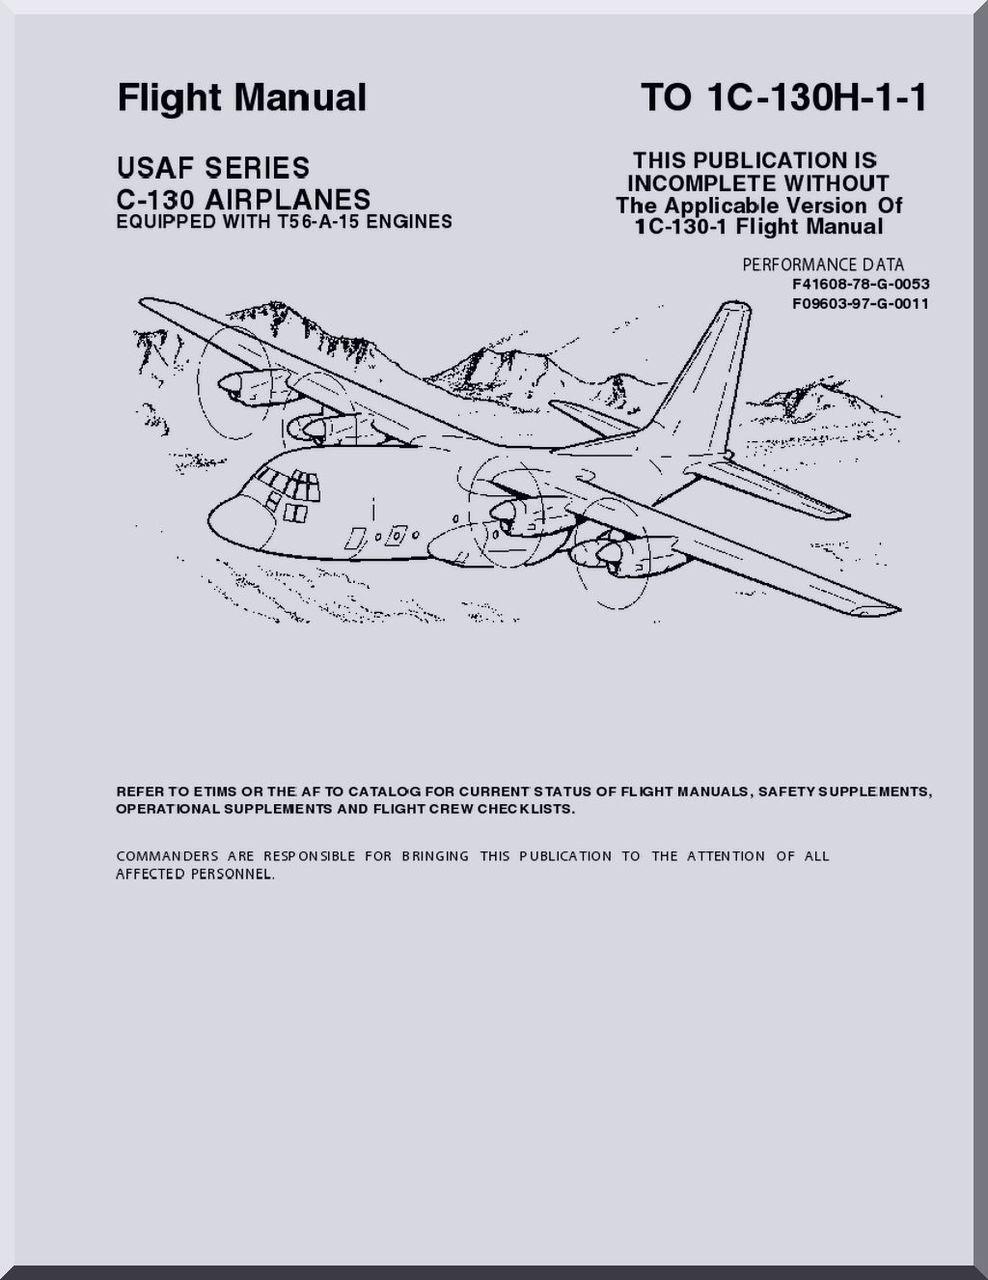 Lockheed C-130 H Aircraft Flight Manual, T.O. 1C-130H-1-1